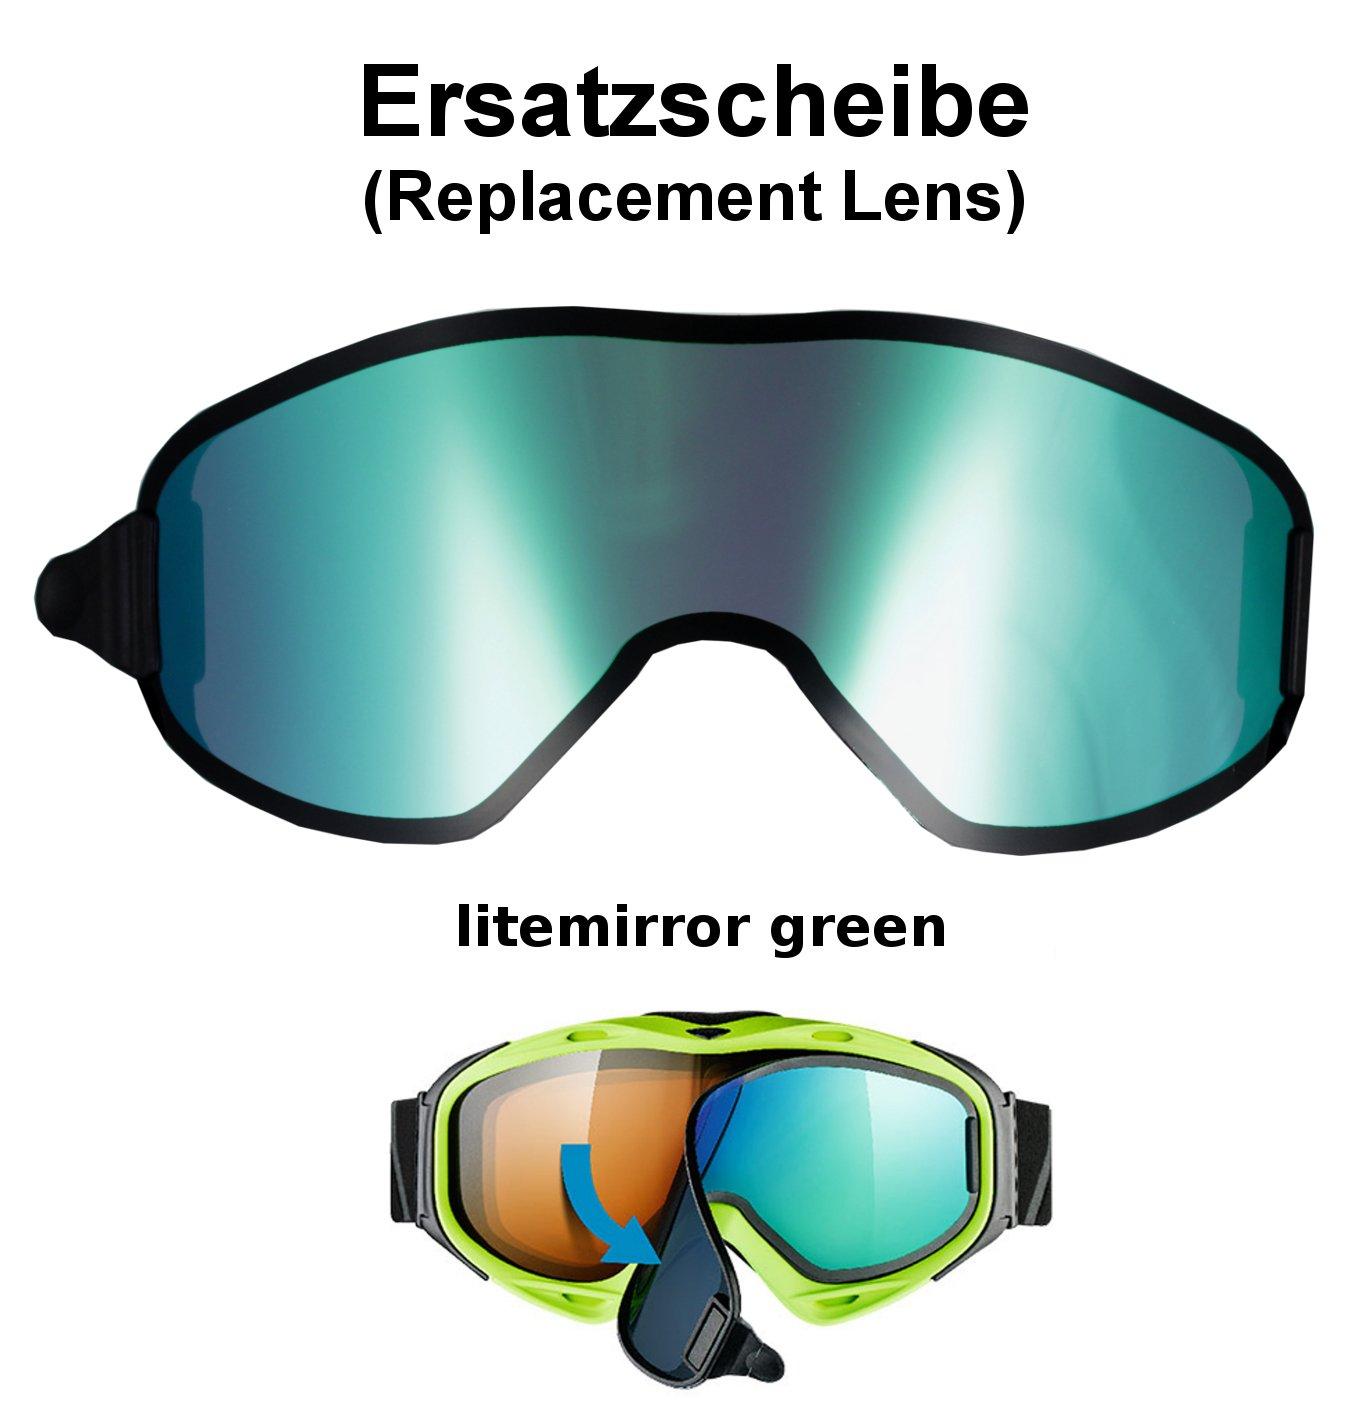 uvex g.gl 300 & uvision TO off ess Ersatzscheibe für Skibrille g.gl300 als take off - single lens litemirror green